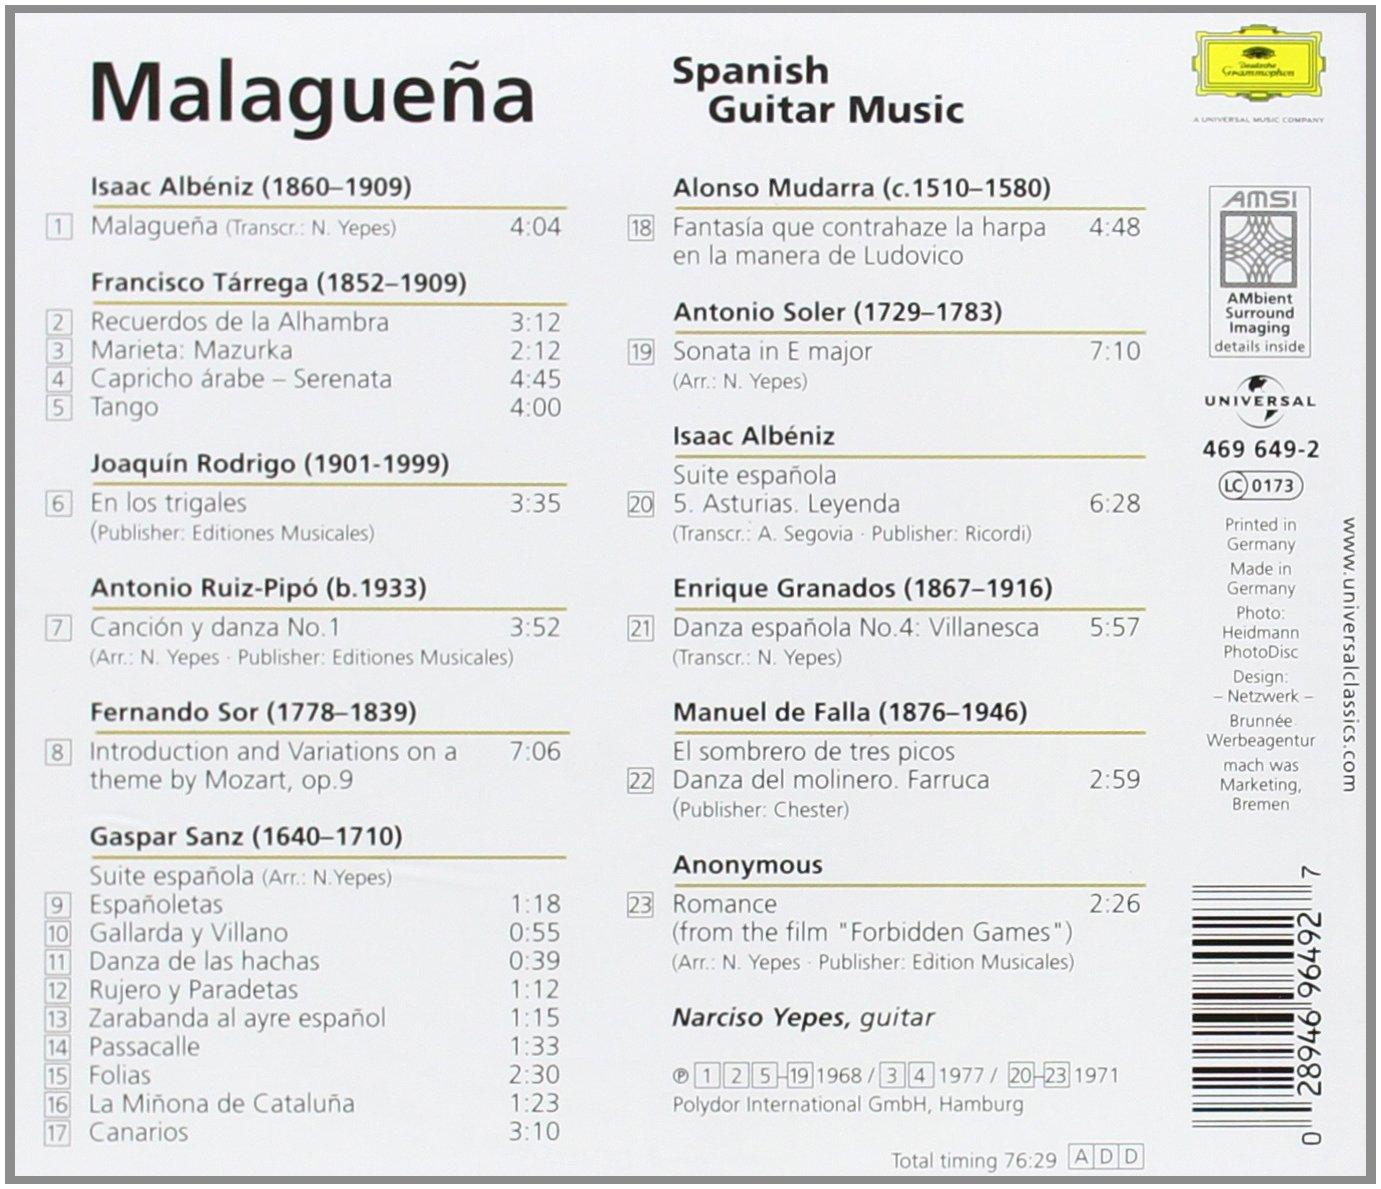 Malaguena - Spanish Guitar Music: Narciso Yepes: Amazon.es: Música